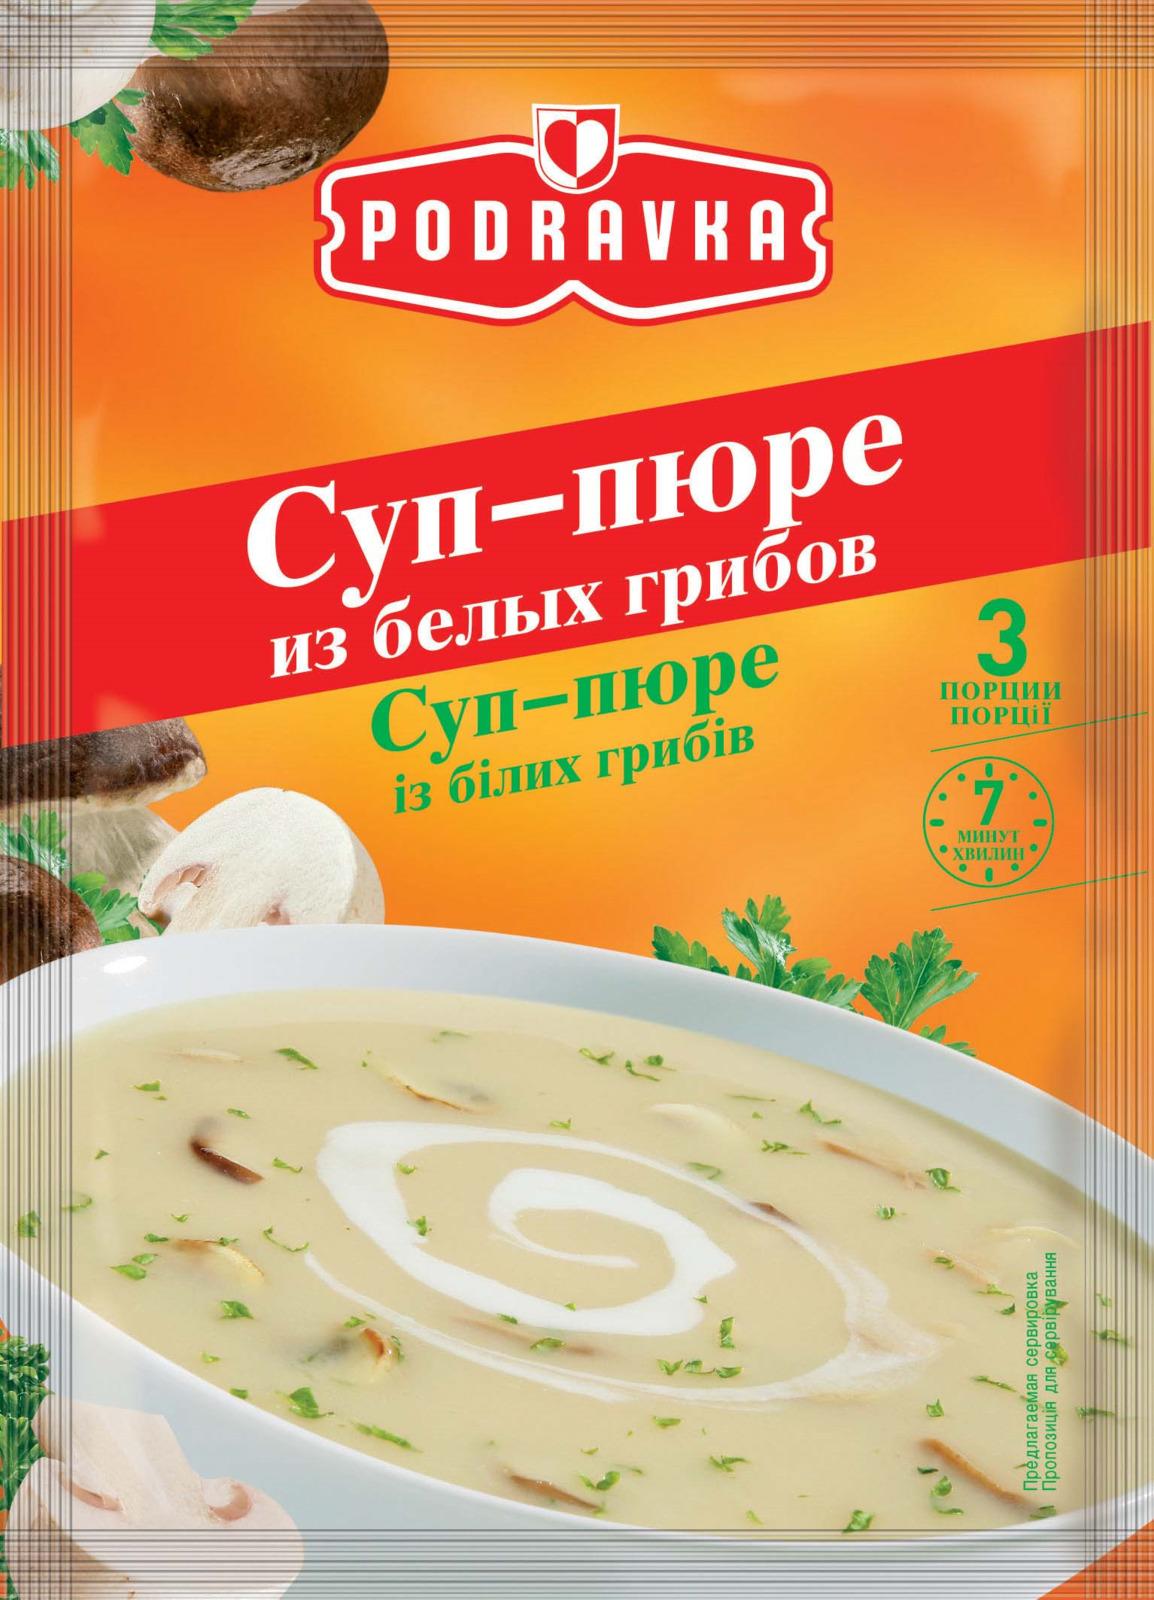 Podravka Суп из белых грибов быстрого приготовления, 5 пакетов по 48 г dr oetker пикантфикс для грибов 100 г